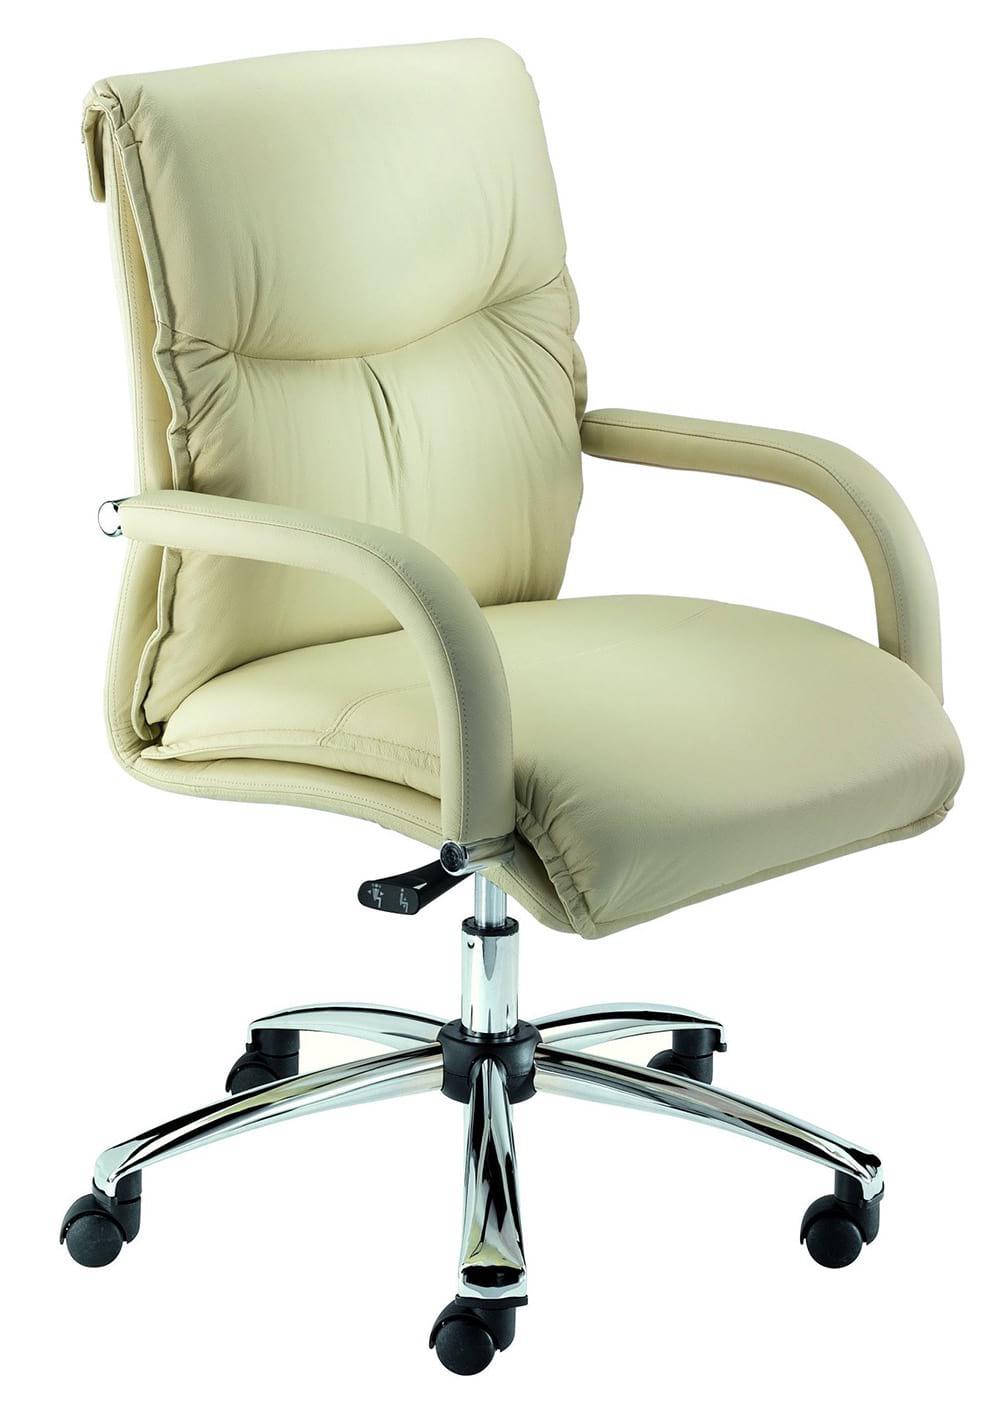 Poltrone da riunione milano vendita sedie e sedute per for Sedie da ufficio milano